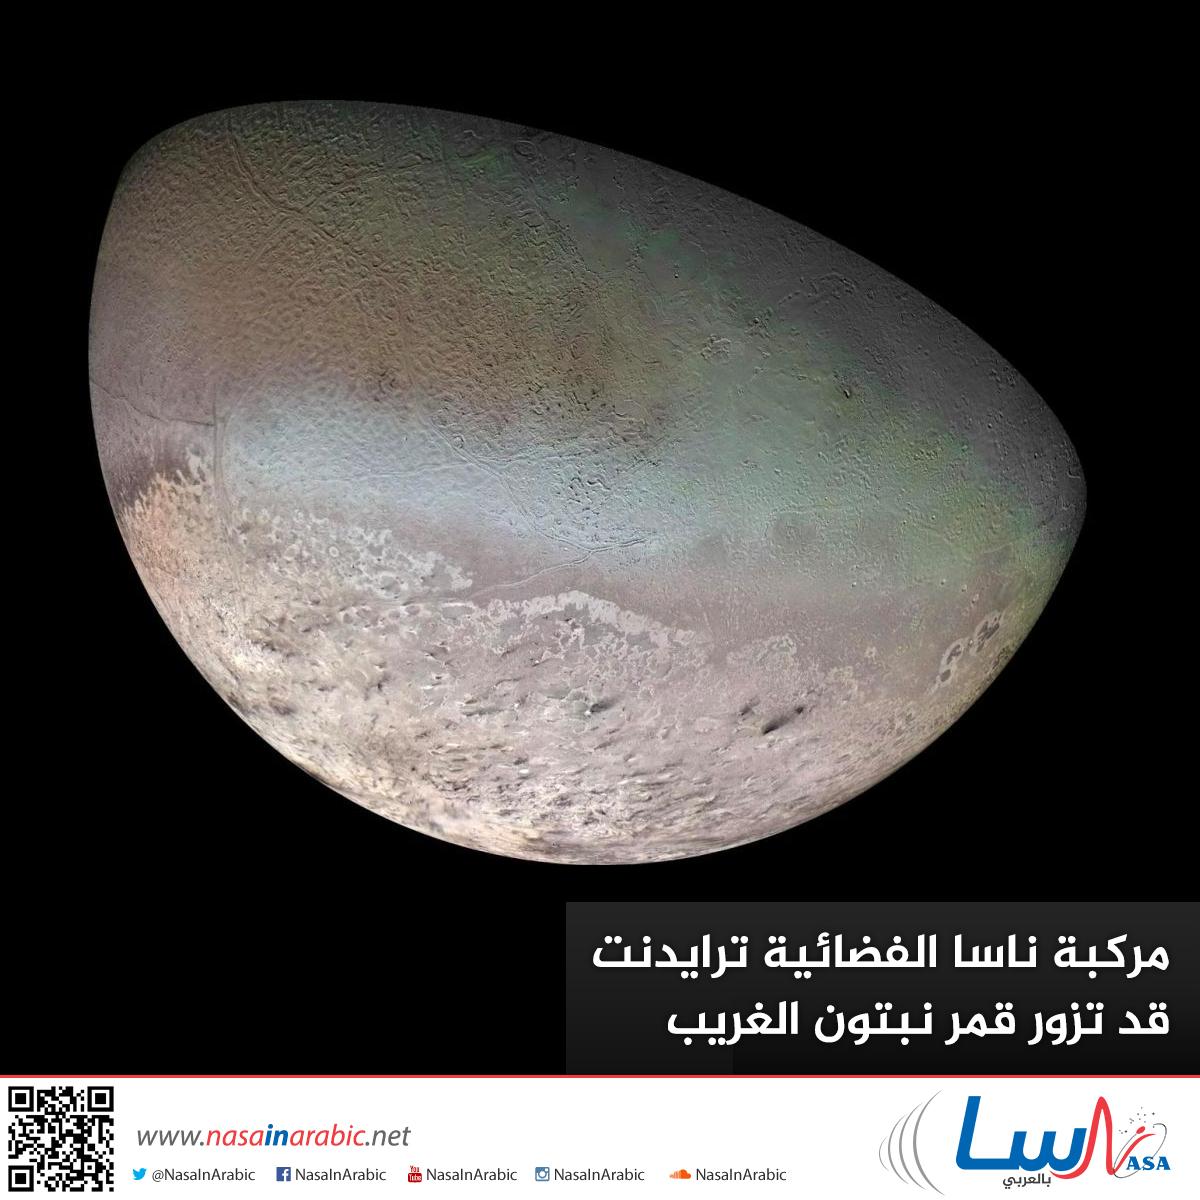 مركبة ناسا الفضائية ترايدنت قد تزور قمر نبتون الغريب ترايتون